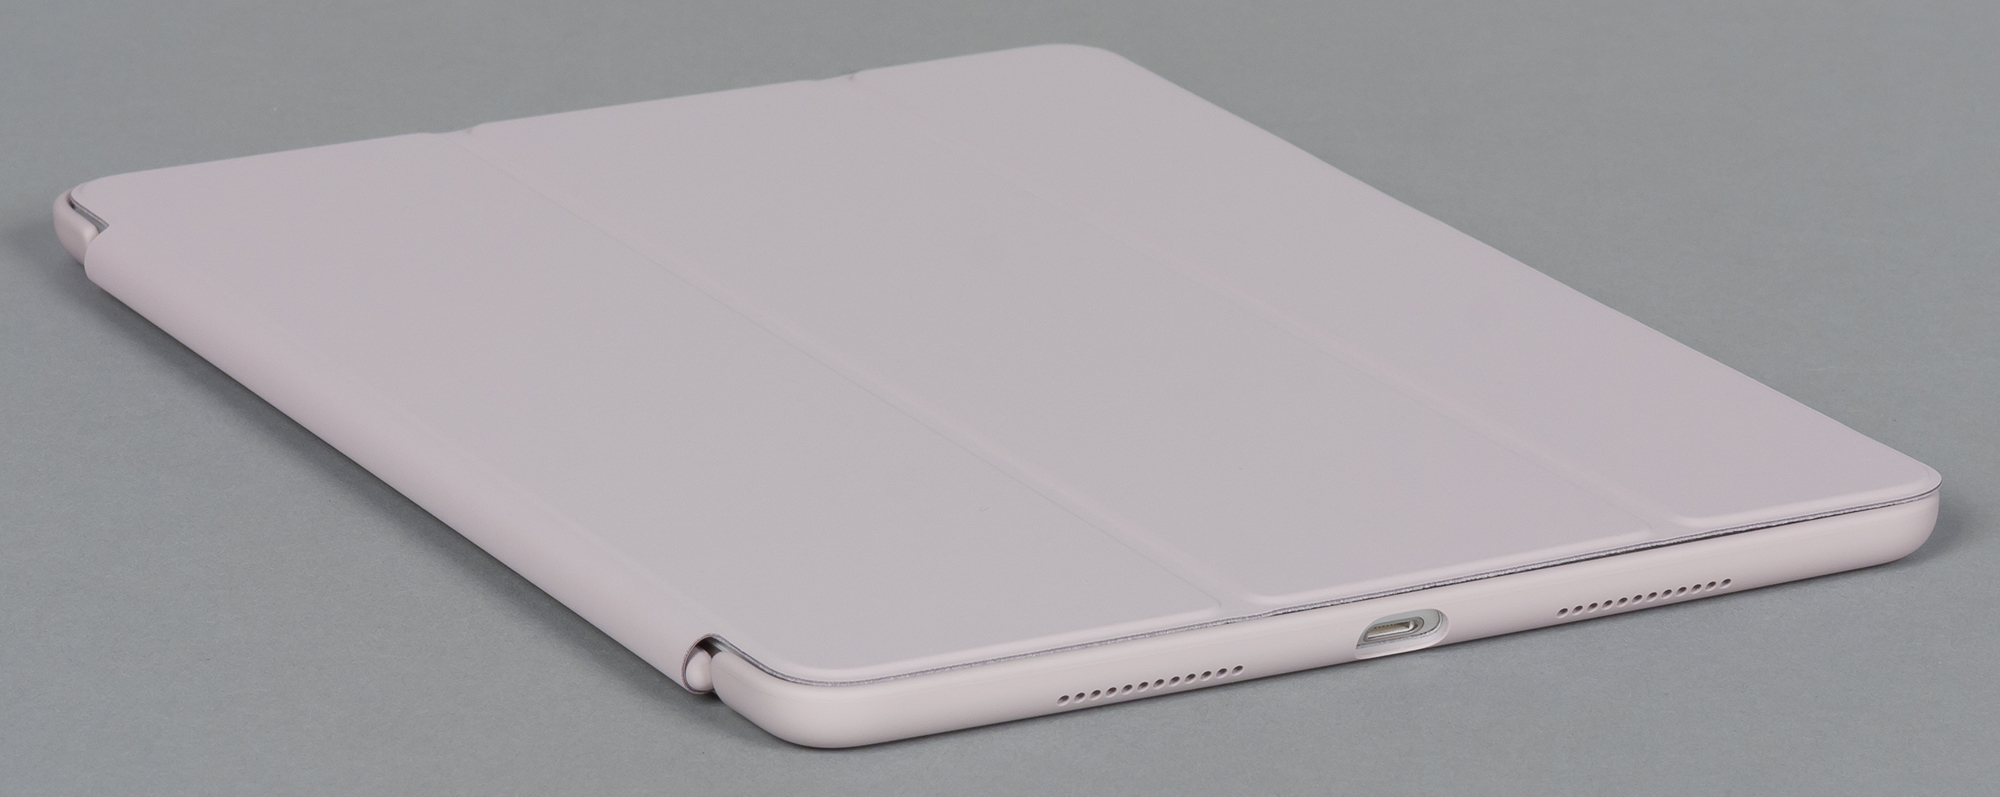 Шнур android мавик айр по сниженной цене полный комплект оригинальных наклеек mavik алиэкспресс